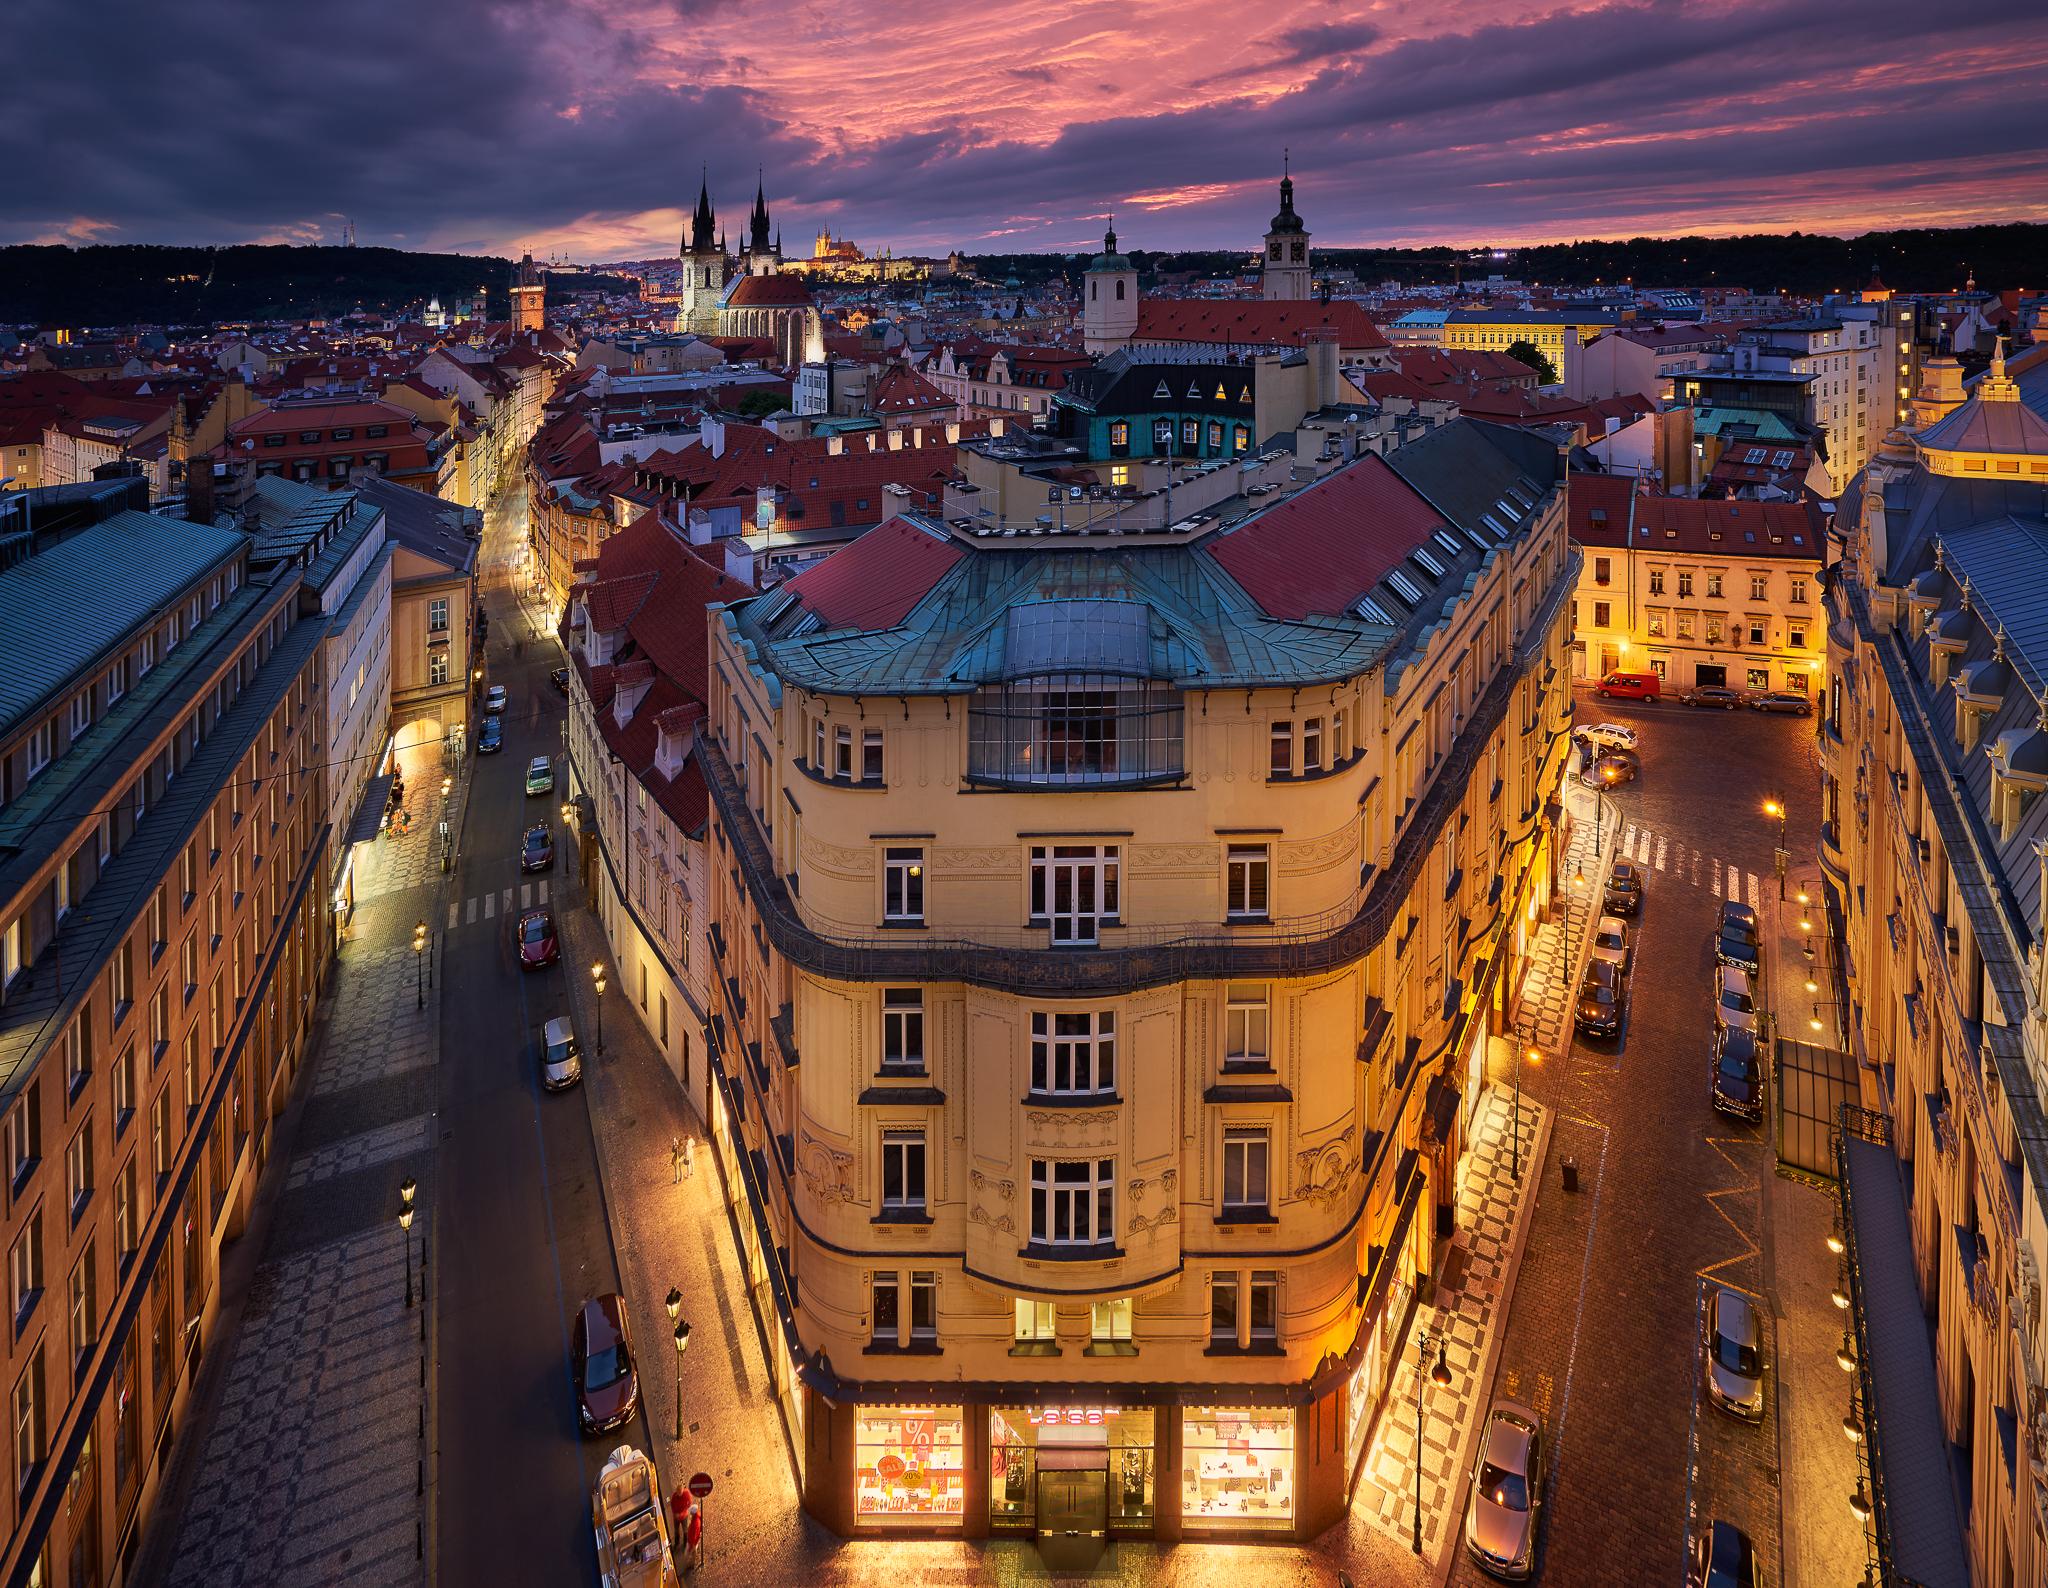 Powder Tower, Czech Republic